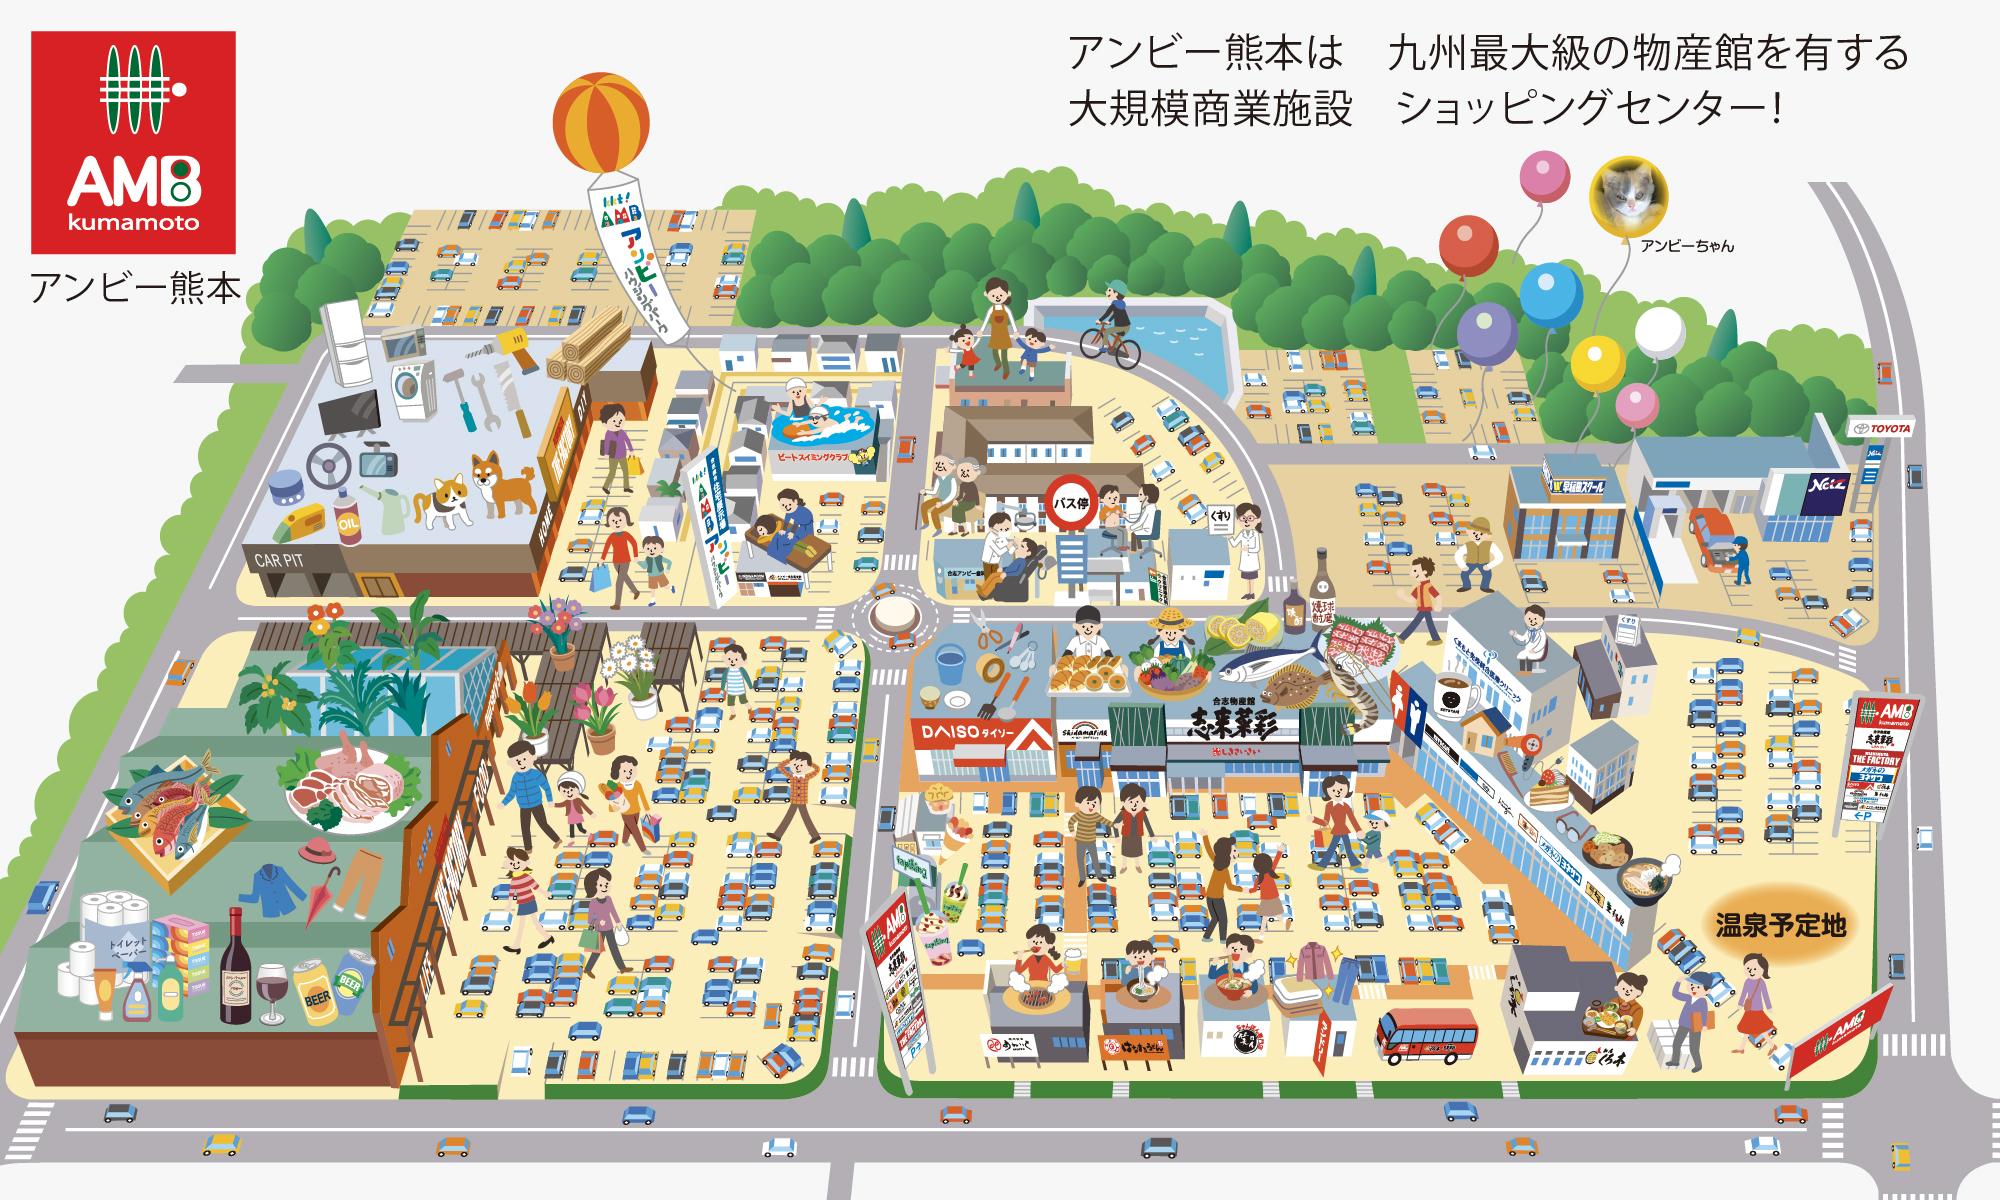 アンビー熊本は九州最大級の物産館を有する大規模商業施設ショッピングセンター!